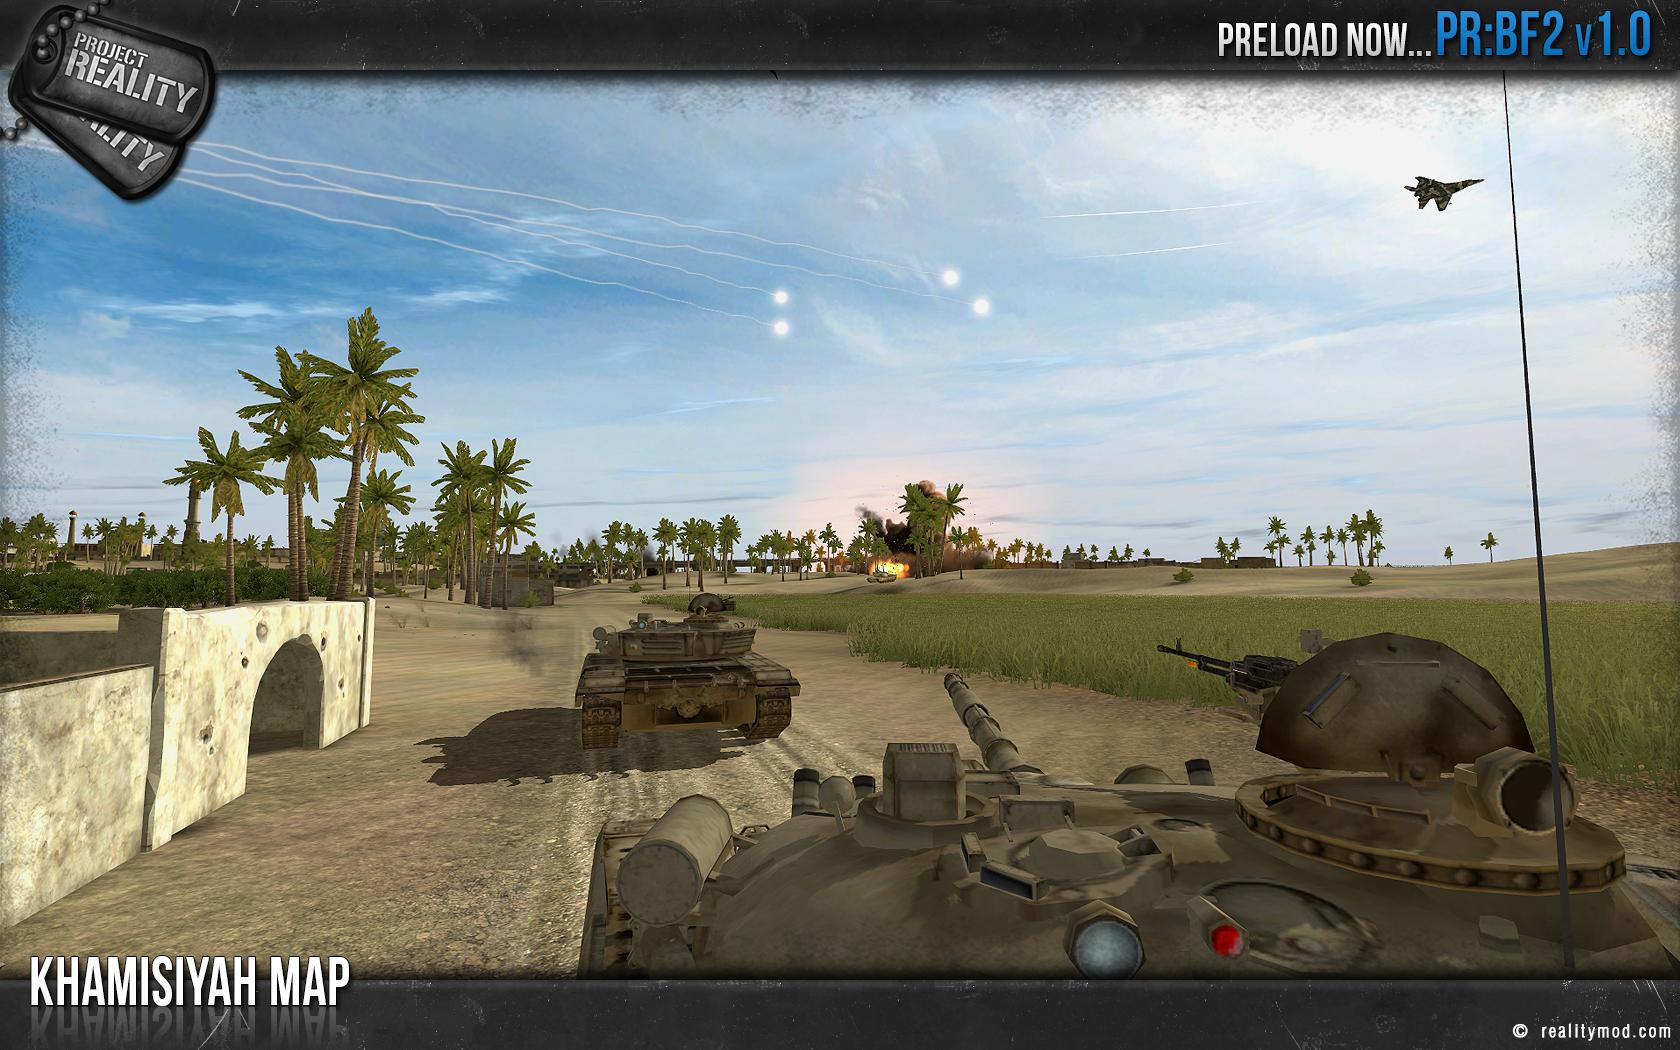 Después de 8 años de desarrollo el mod para Battlefield 2, Project Reality llega a su versión 1.0 [Vídeo]